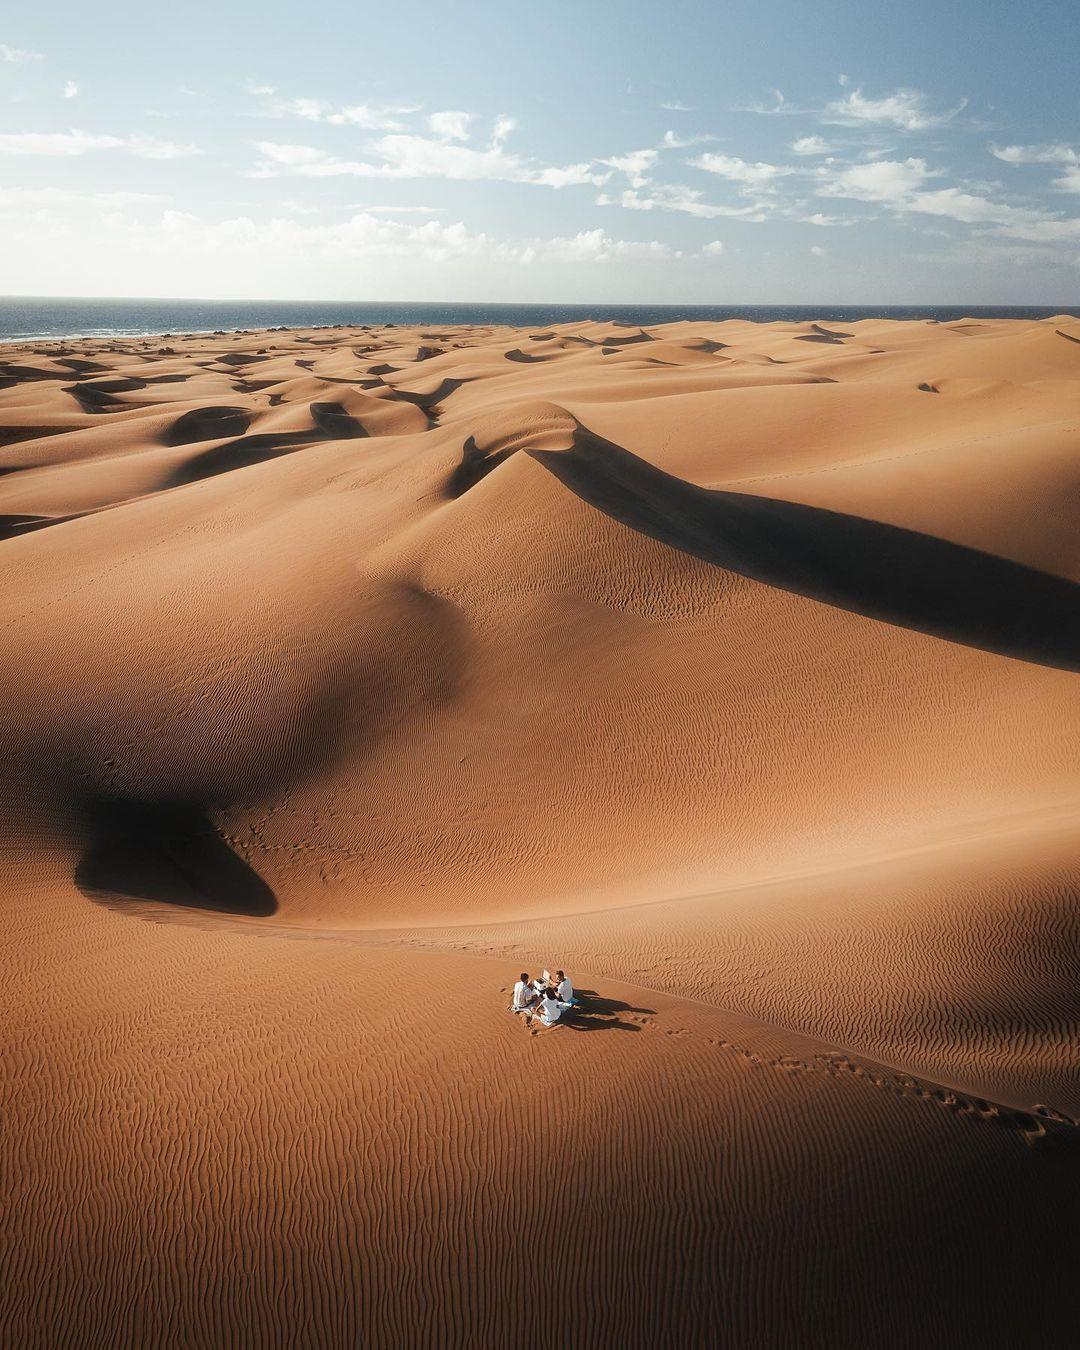 Потрясающие снимки из путешествий Йонаса Хорнехея